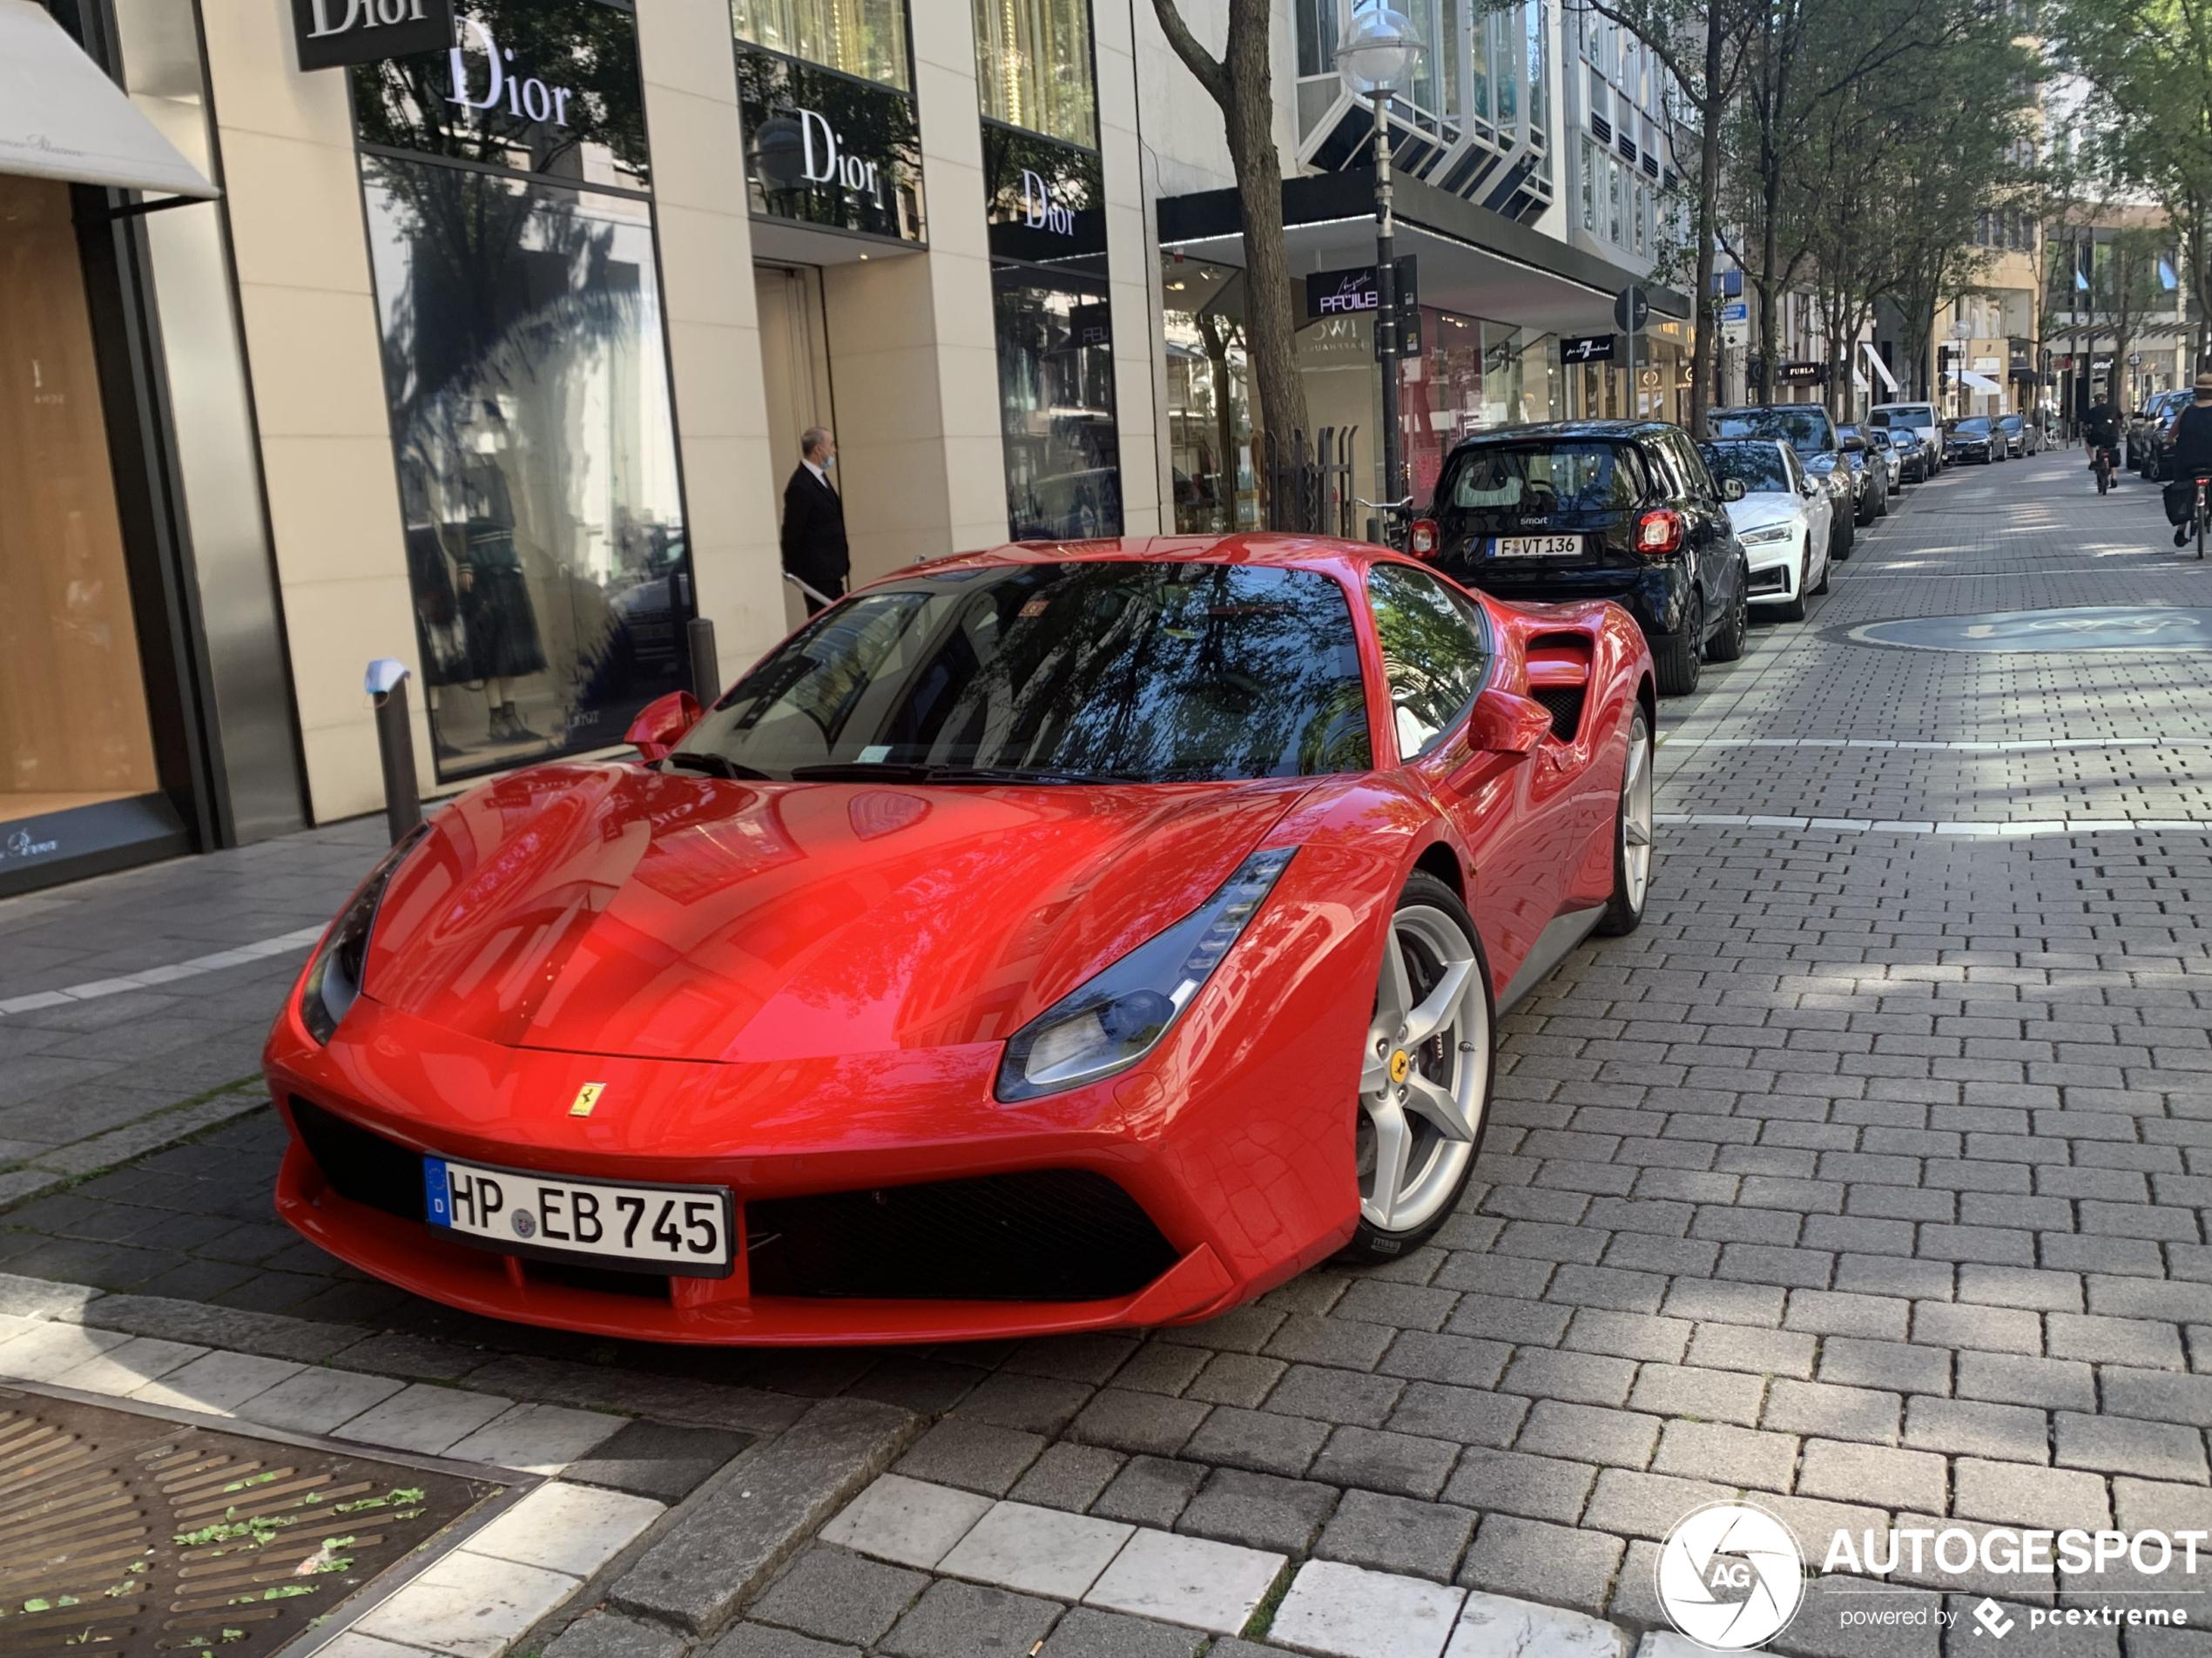 Ferrari 488 Gtb 28 August 2020 Autogespot